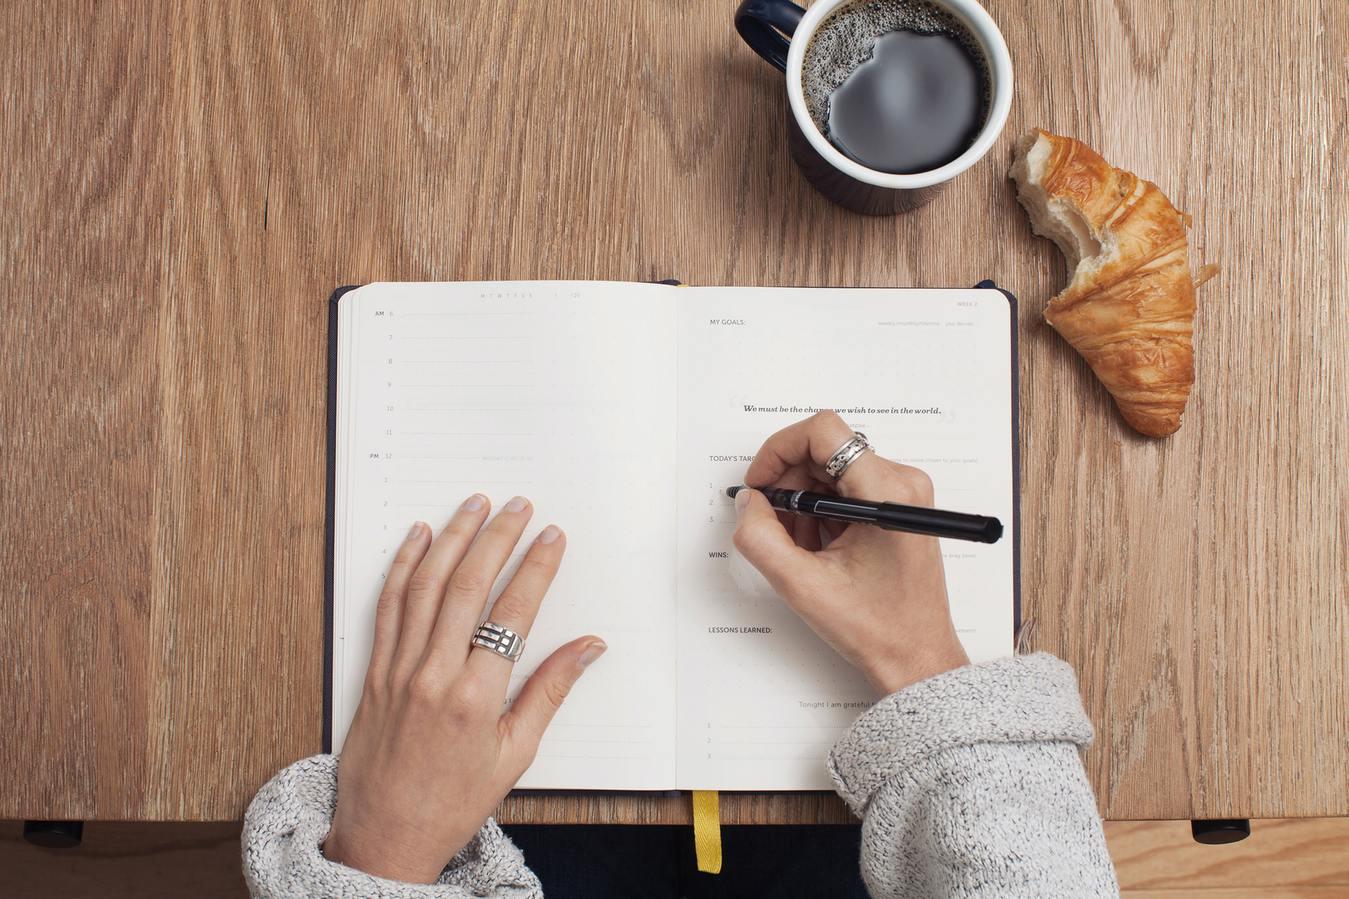 Seseorang menulis jurnal ditemani kopi dan pastry